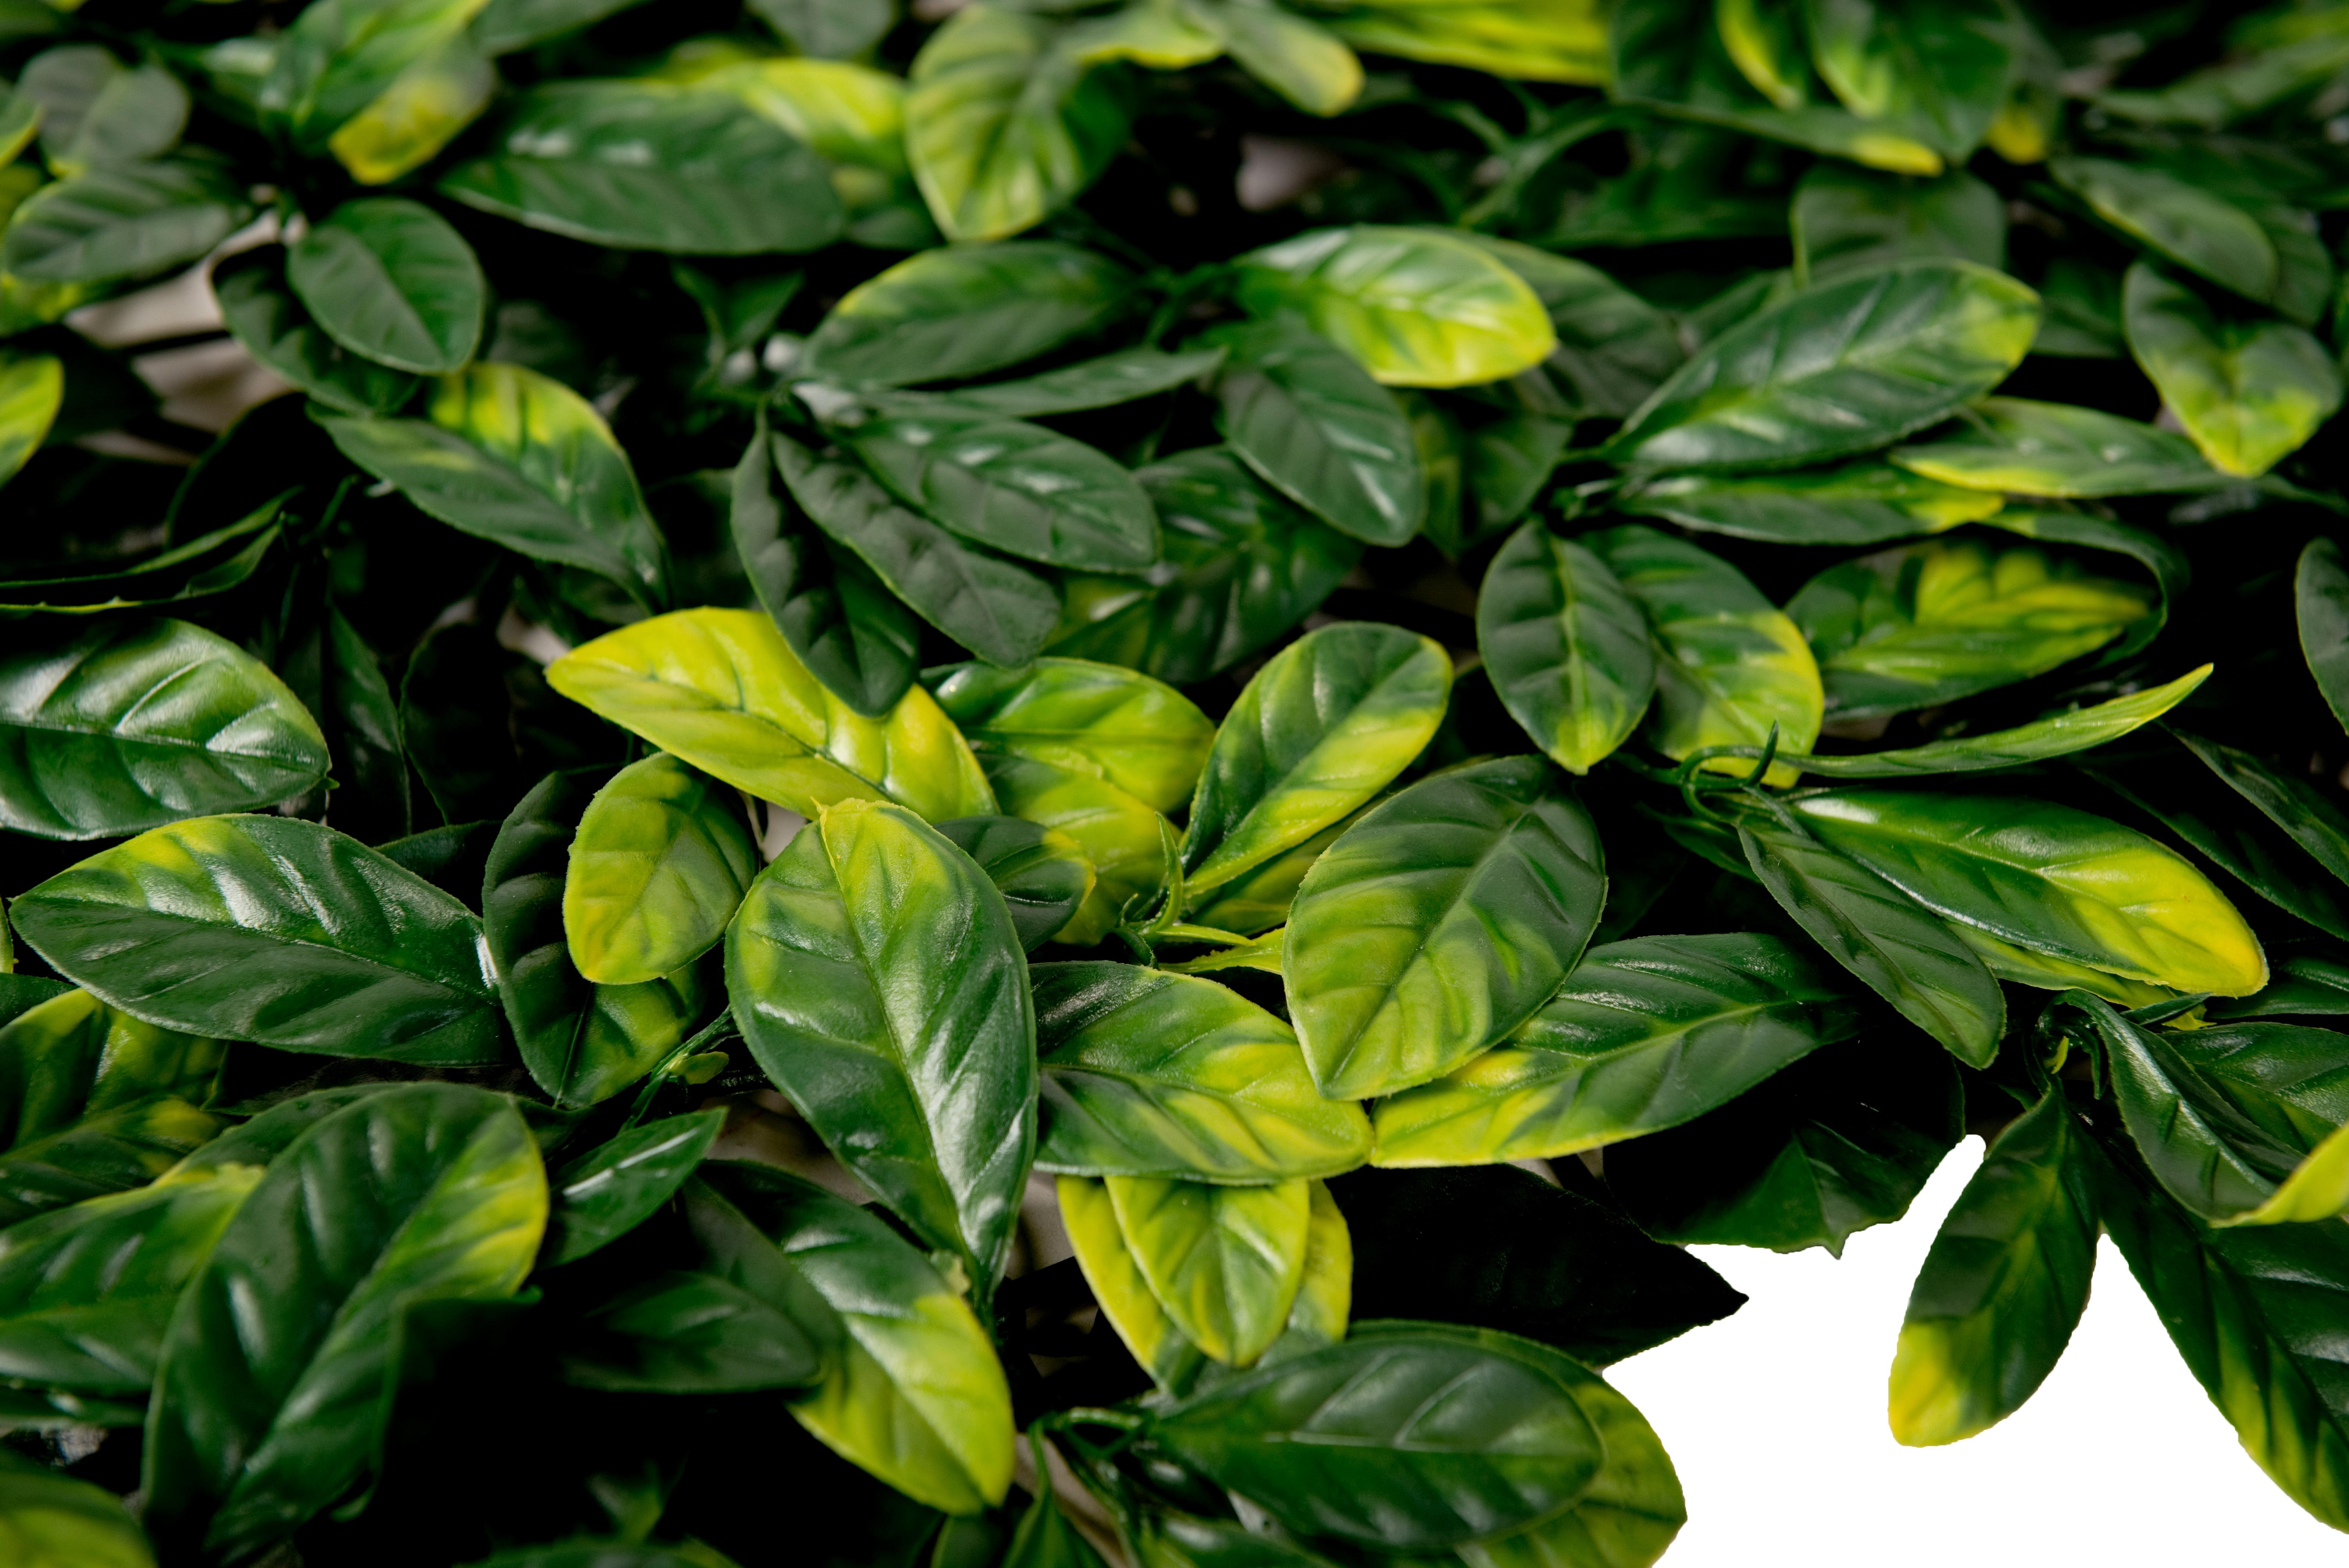 Sztuczny żywopłot  ligustr gwarantuje soczysta zieleń przez cały rok.